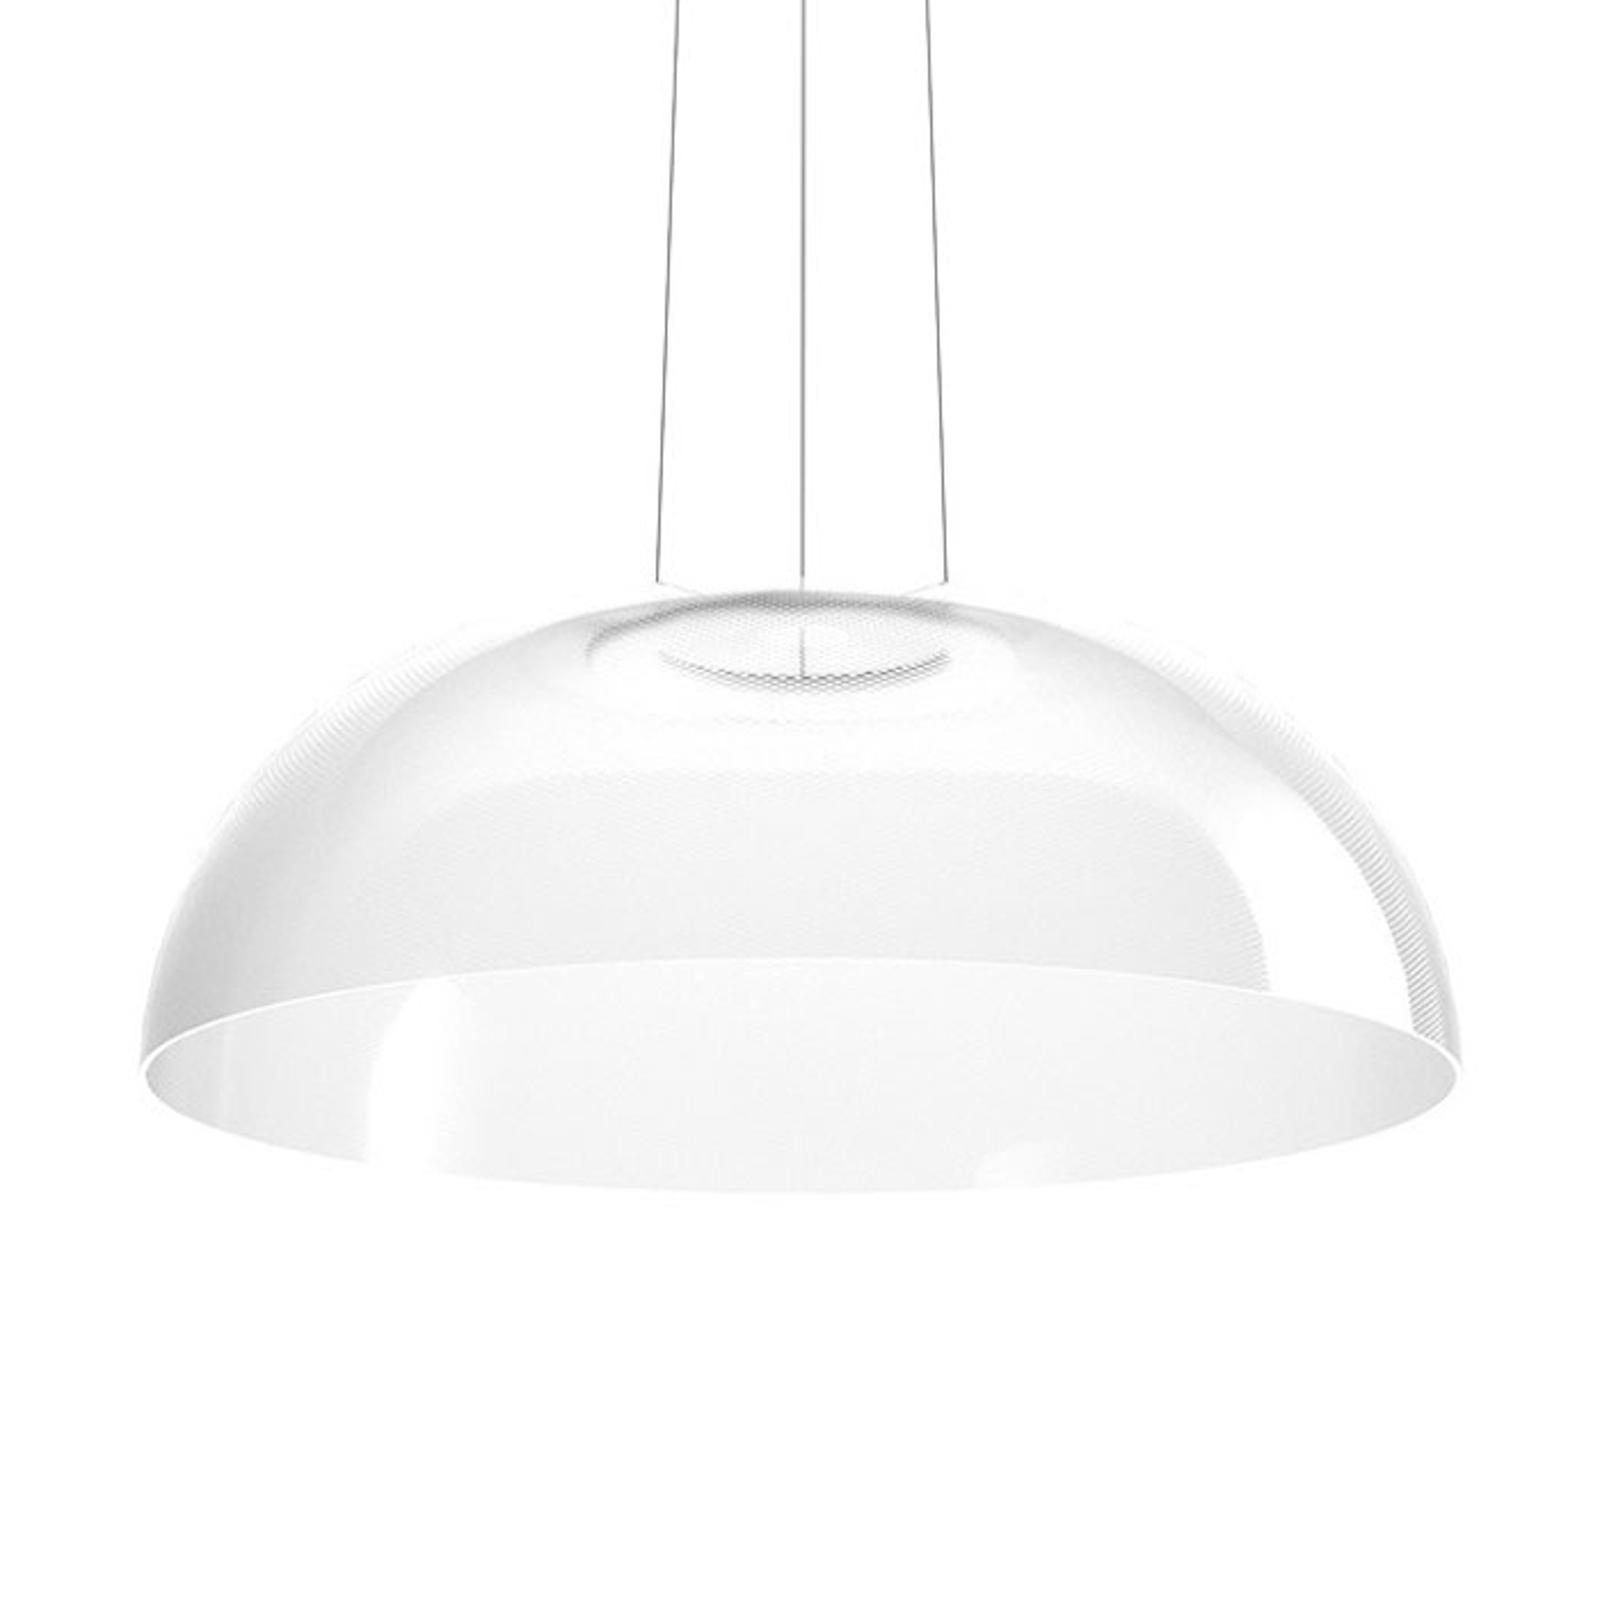 Lampa wisząca LED Demì ściemnianie odcinaniem fazy